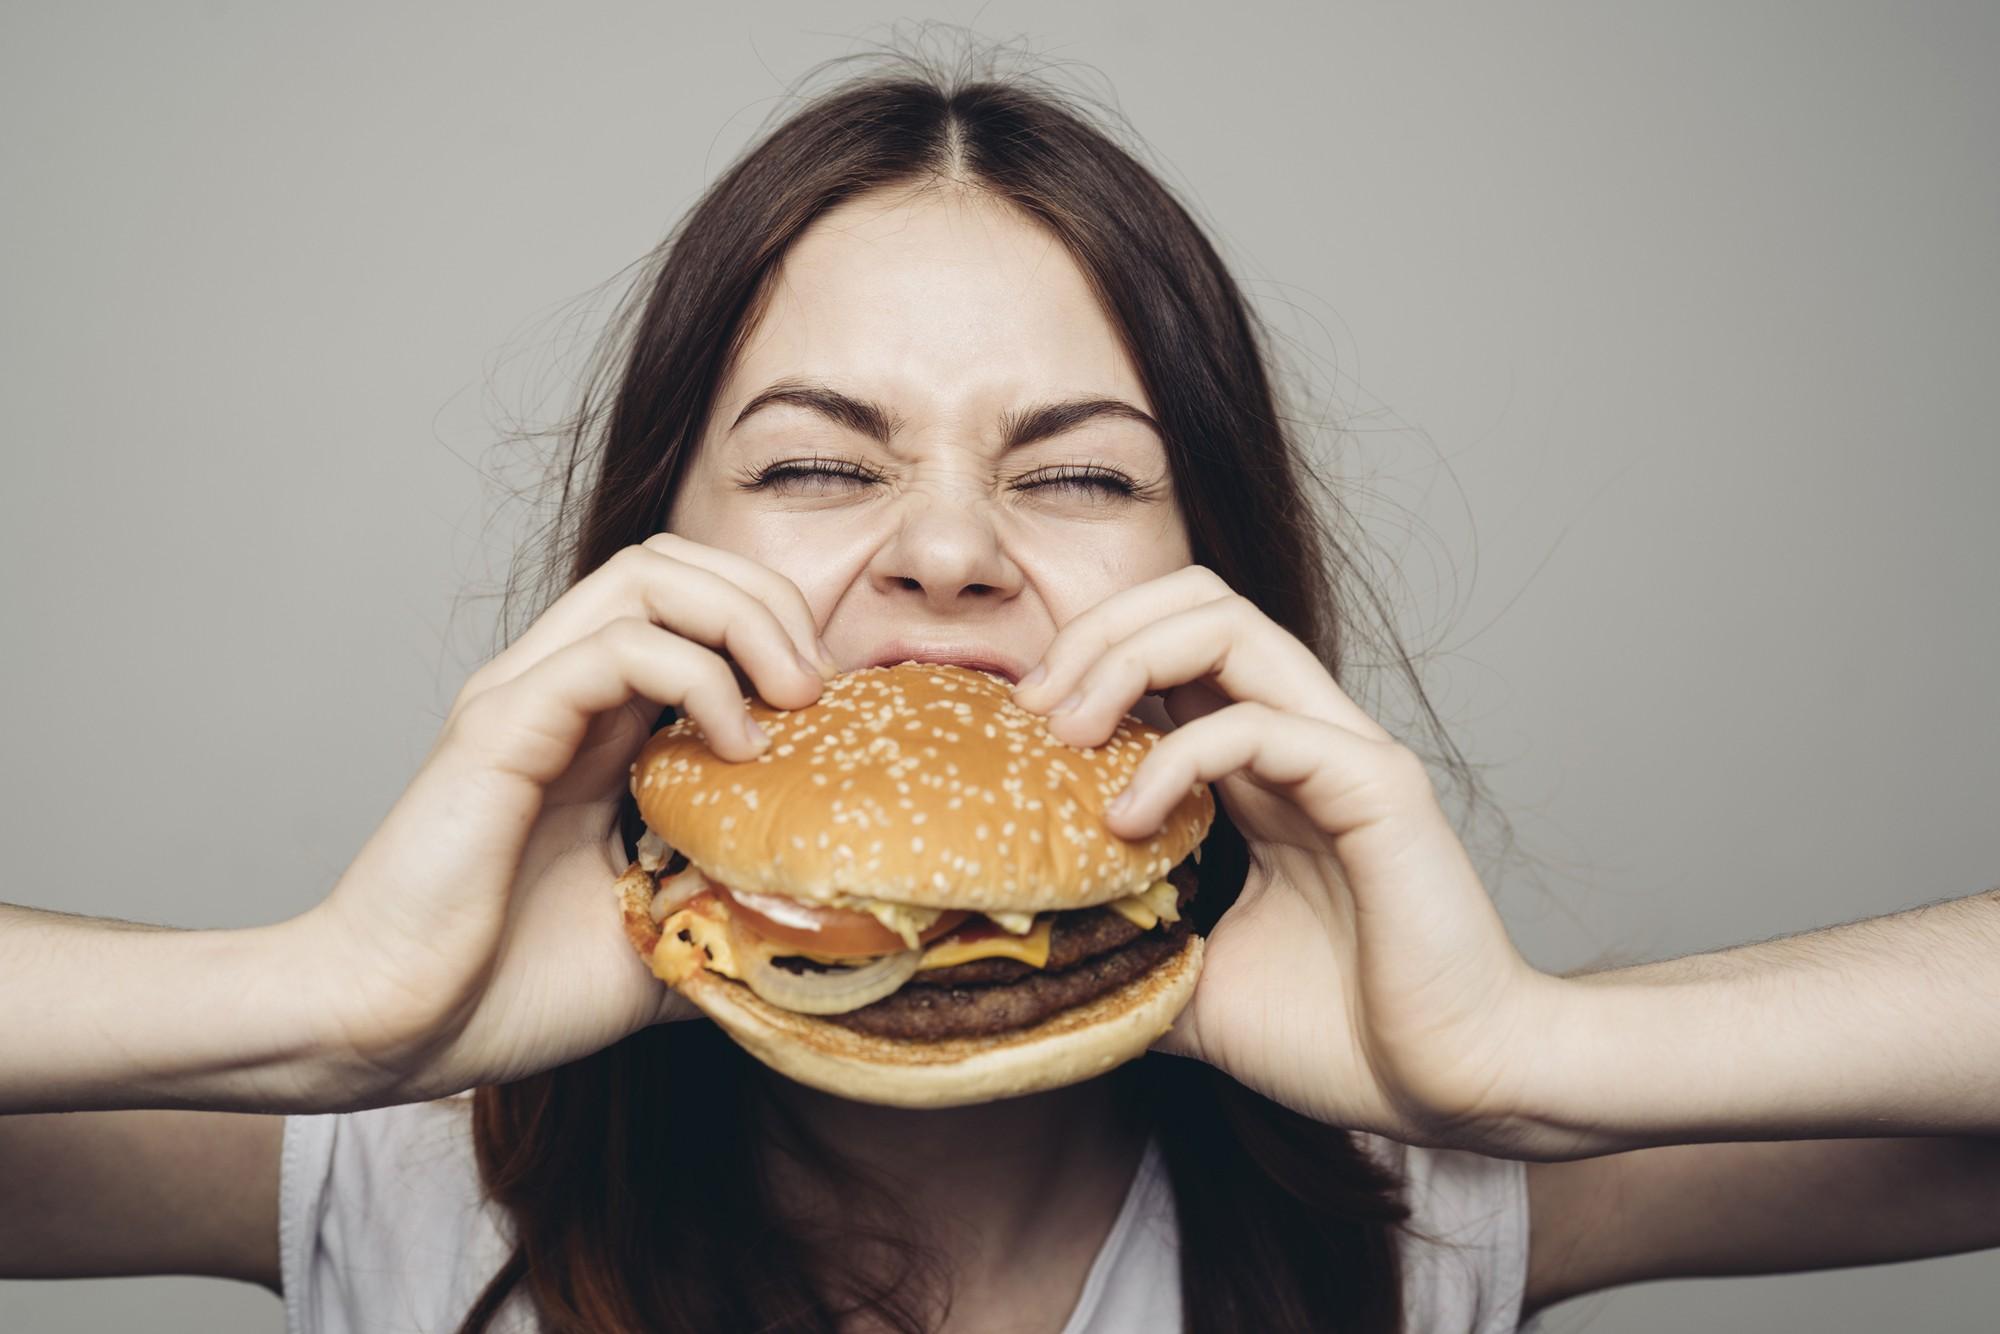 Duy trì những nguyên tắc này mỗi ngày giúp bạn giảm cân nhanh mà không bị suy nhược cơ thể - Ảnh 5.